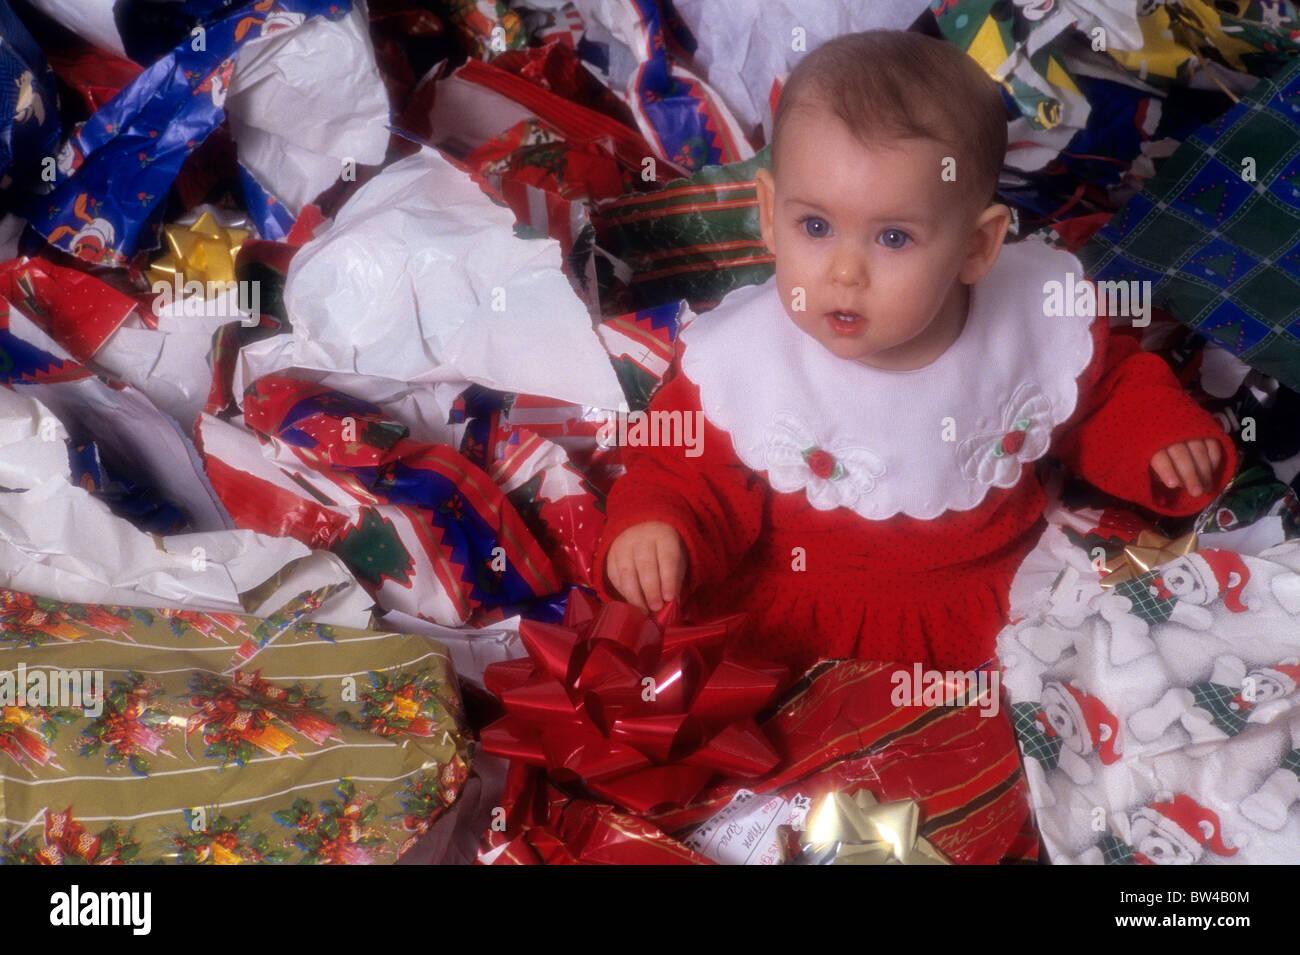 Babys Erstes Weihnachten Stockfotos & Babys Erstes Weihnachten ...